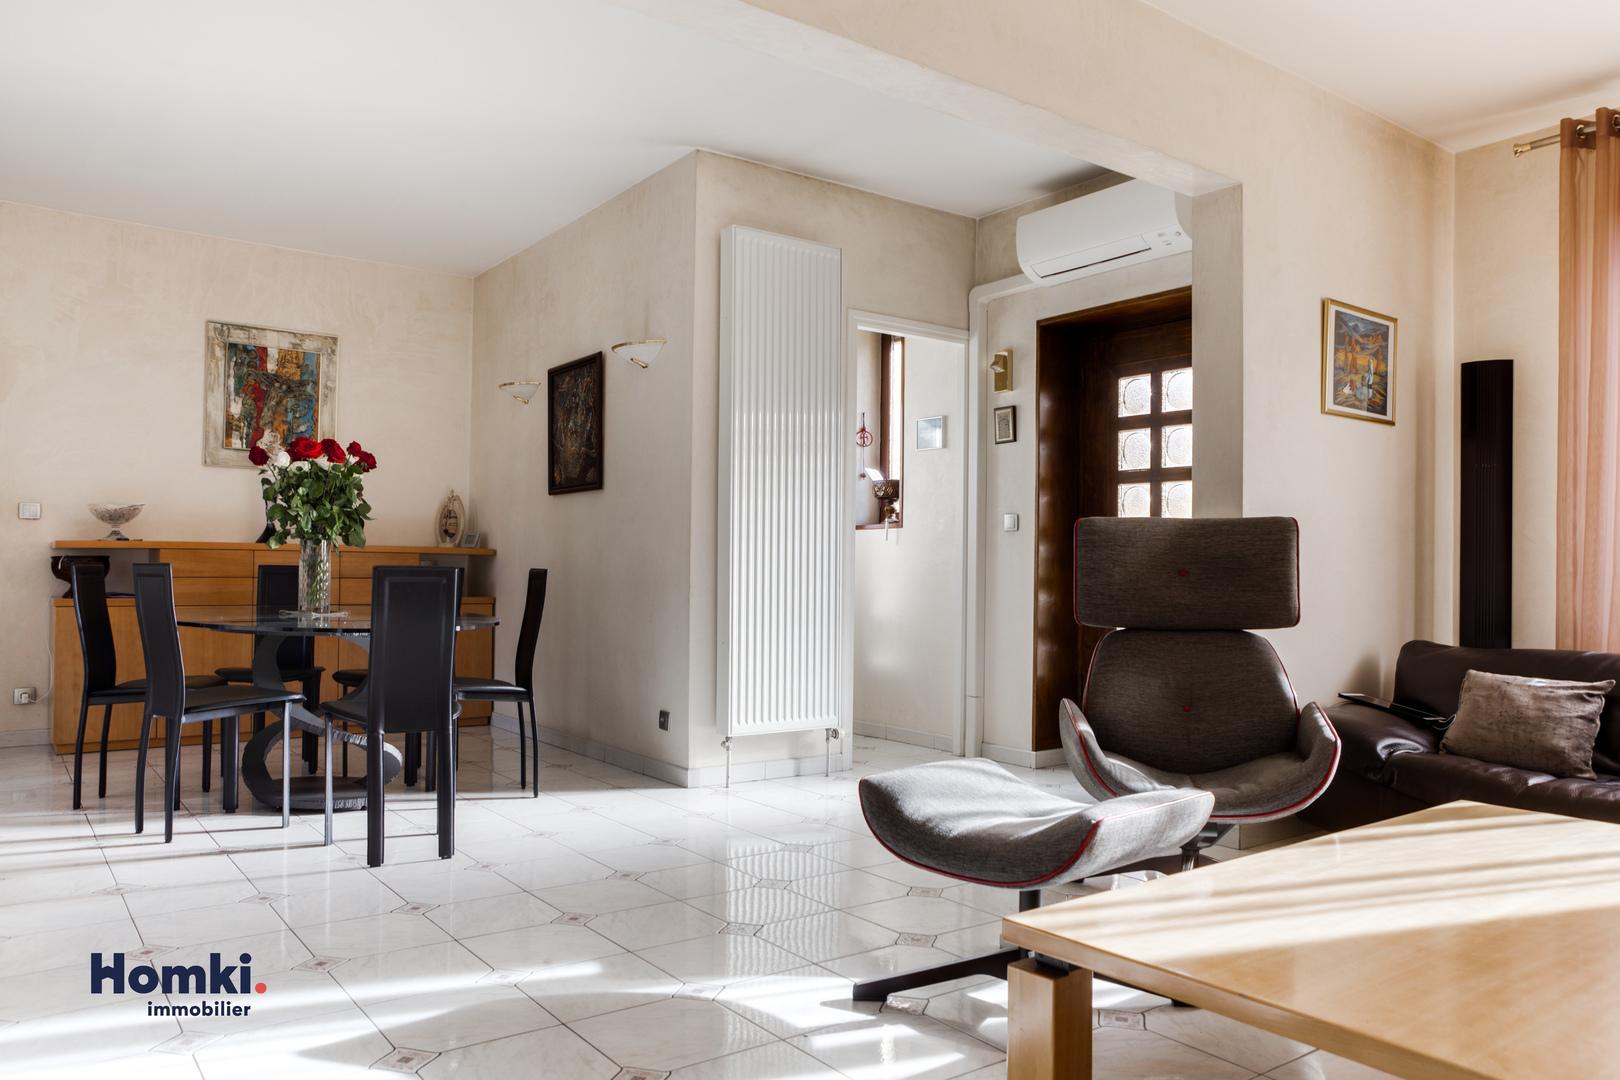 Maison I 150 m² I T4/5 I 69500 | photo 3